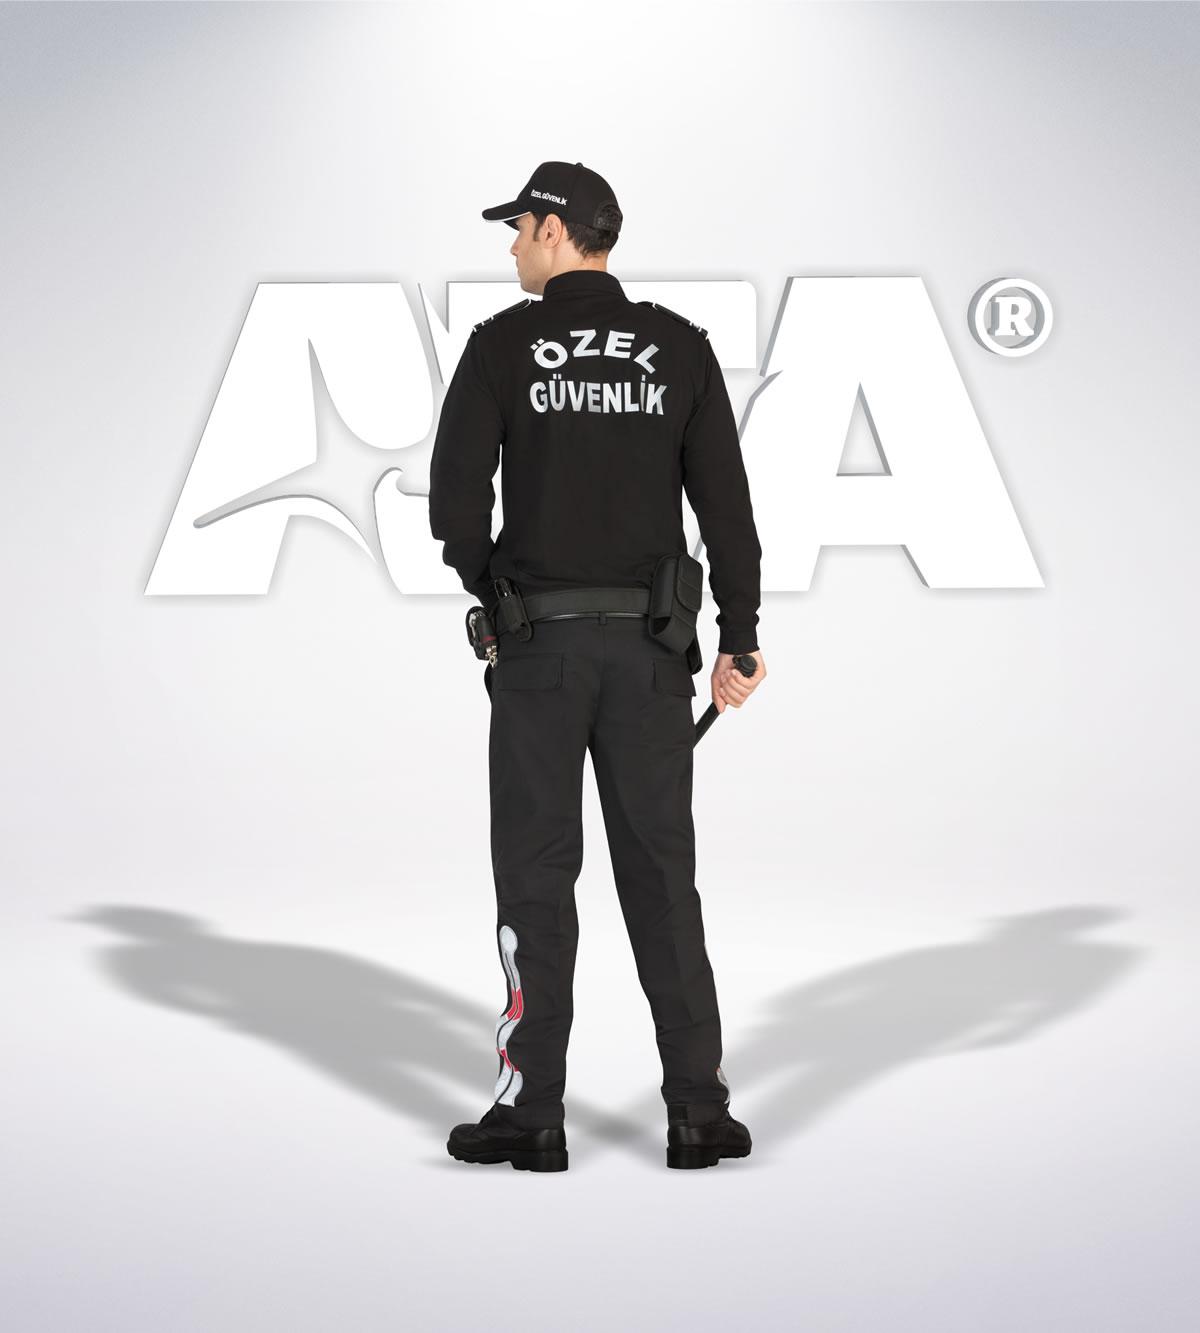 ATA 145 - Ribstop kumaş pantolon - ribstop gömlek - aksesuar -reflektör - güvenlik elbiseleri | güvenlik üniformaları | güvenlik kıyafetleri